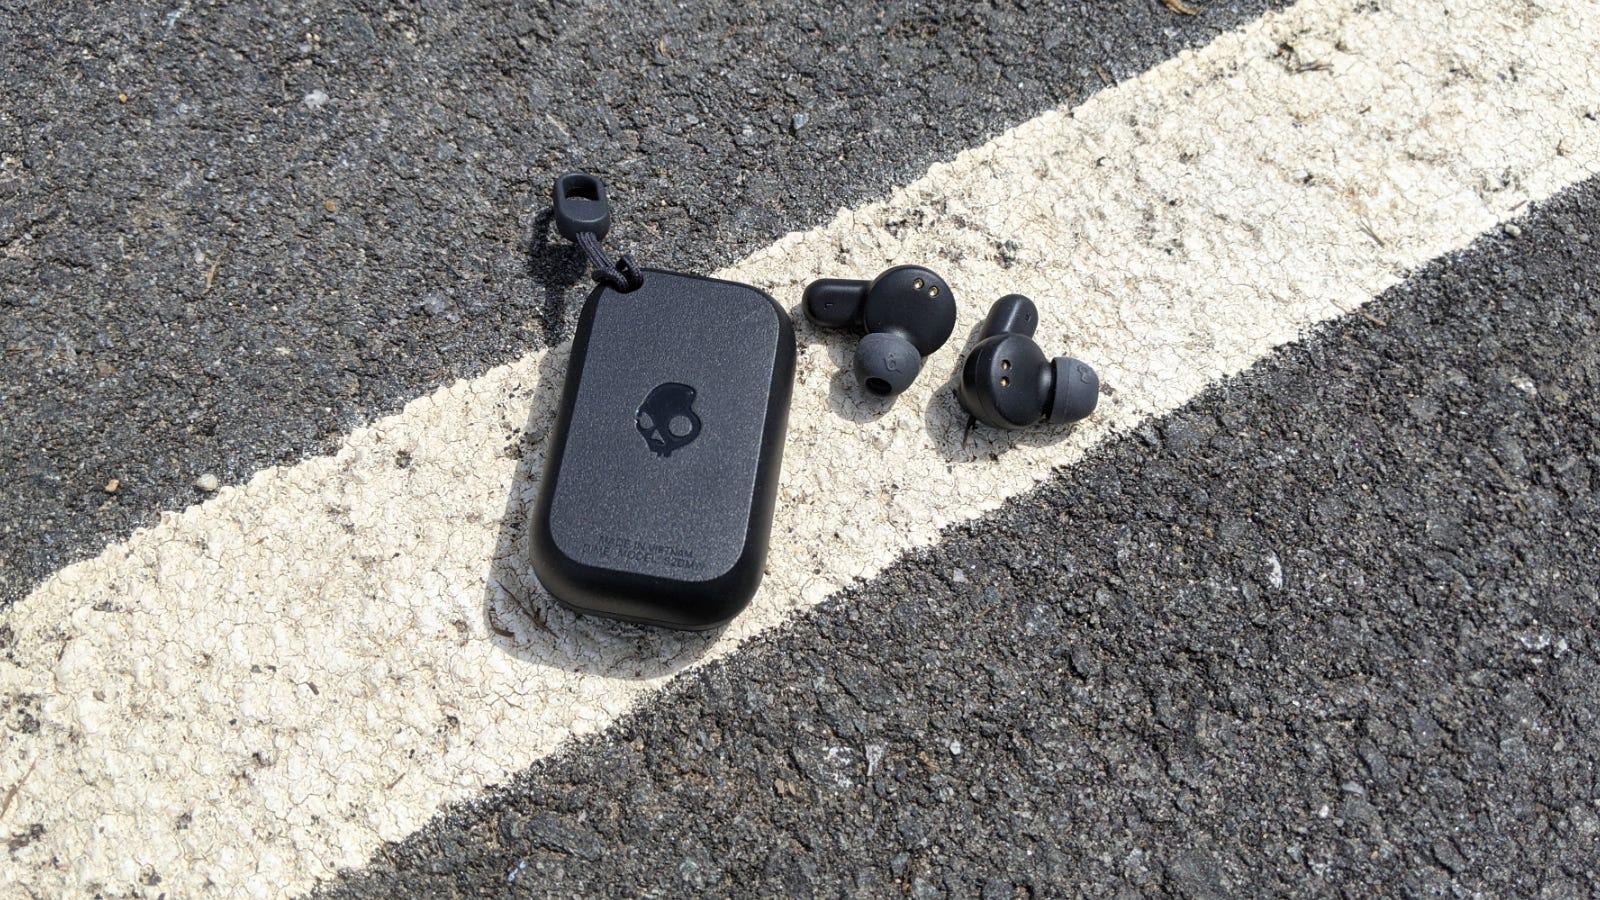 Skullcandy Dime earbuds on asphalt road